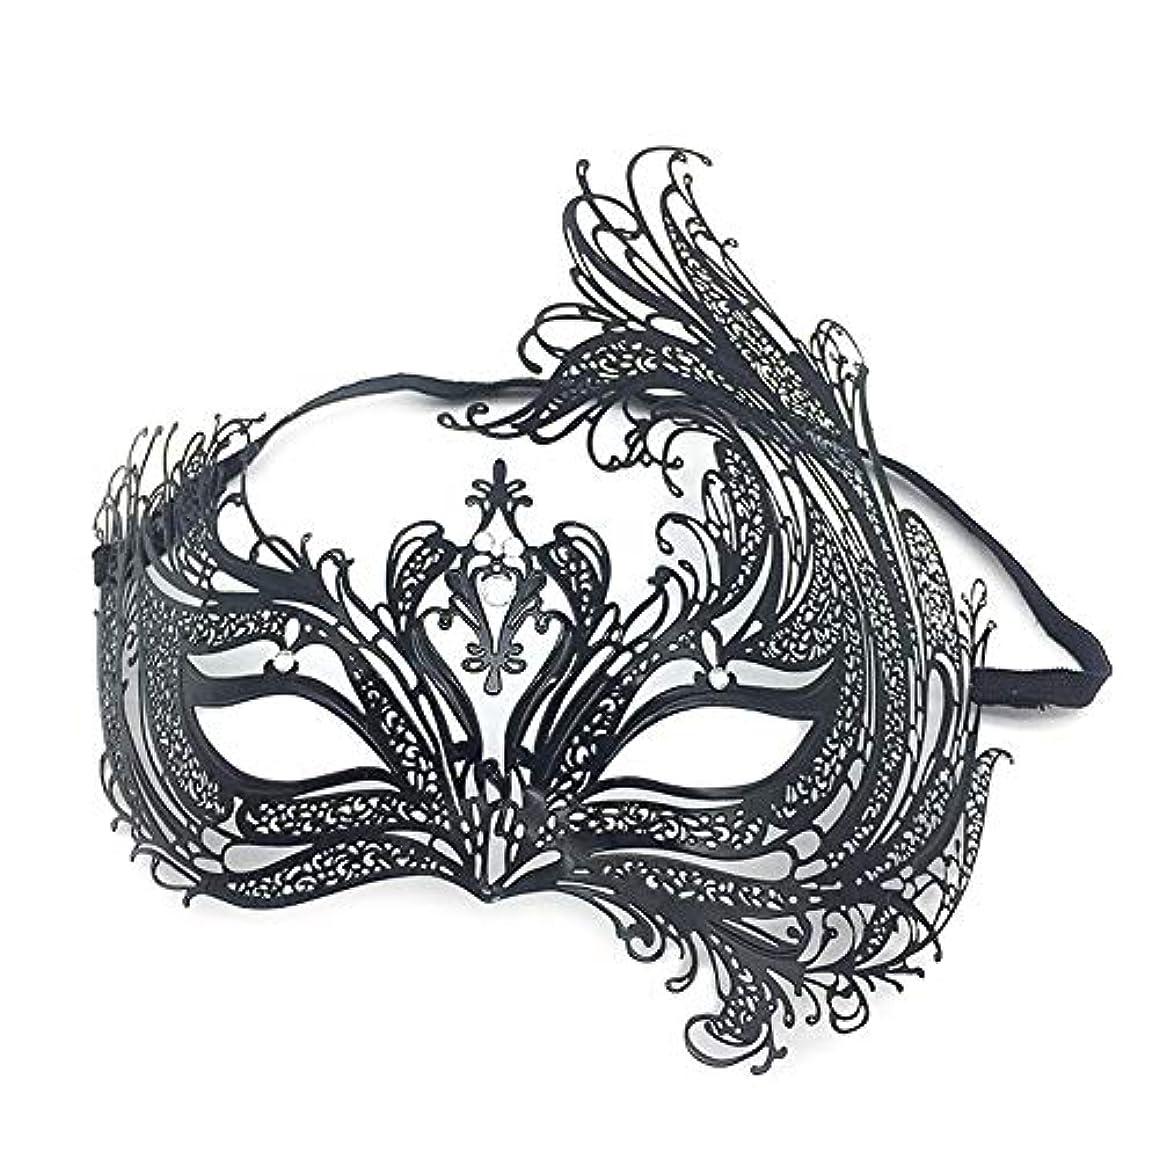 練習悪化させるホイストダンスマスク 仮面舞踏会パーティーブラックセクシーハーフフェイスフェニックスハロウィーンロールプレイングメタルマスクガール ホリデーパーティー用品 (色 : ブラック, サイズ : 20x19cm)